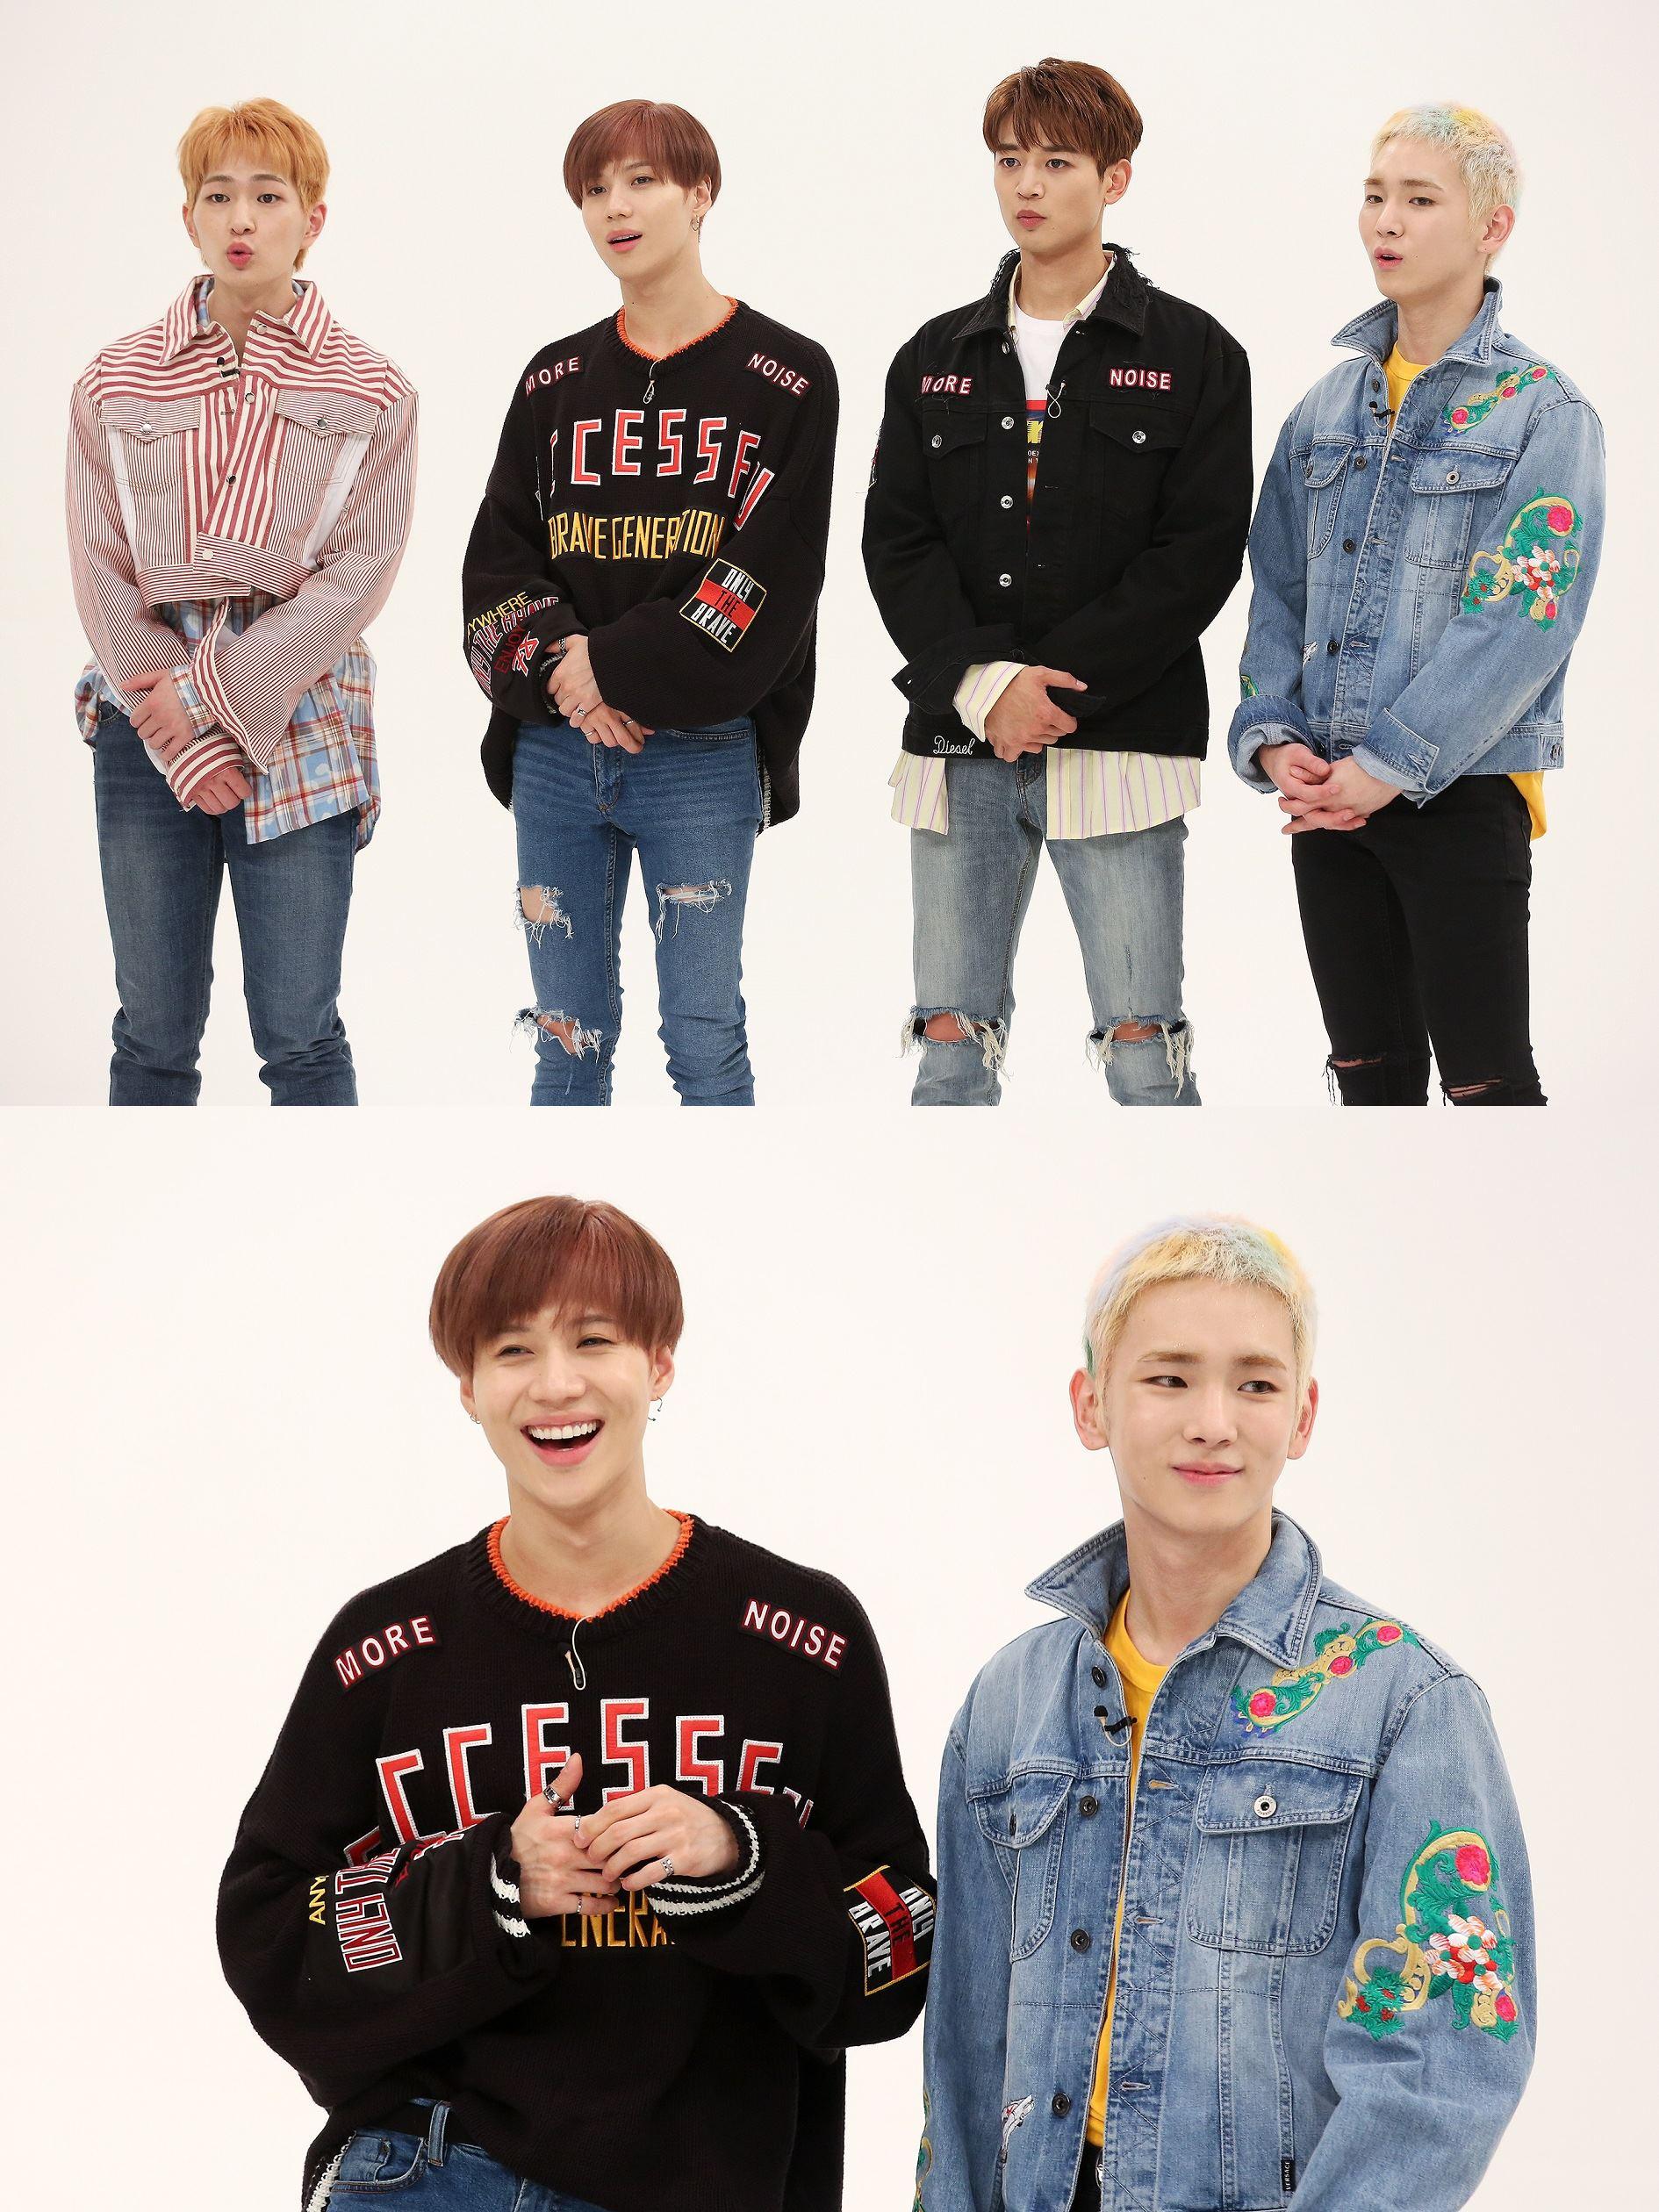 '주간아이돌' 샤이니, 13일 오후 6시 두 번째 앨범 타이틀곡 'I Want You' 무대 최초공개